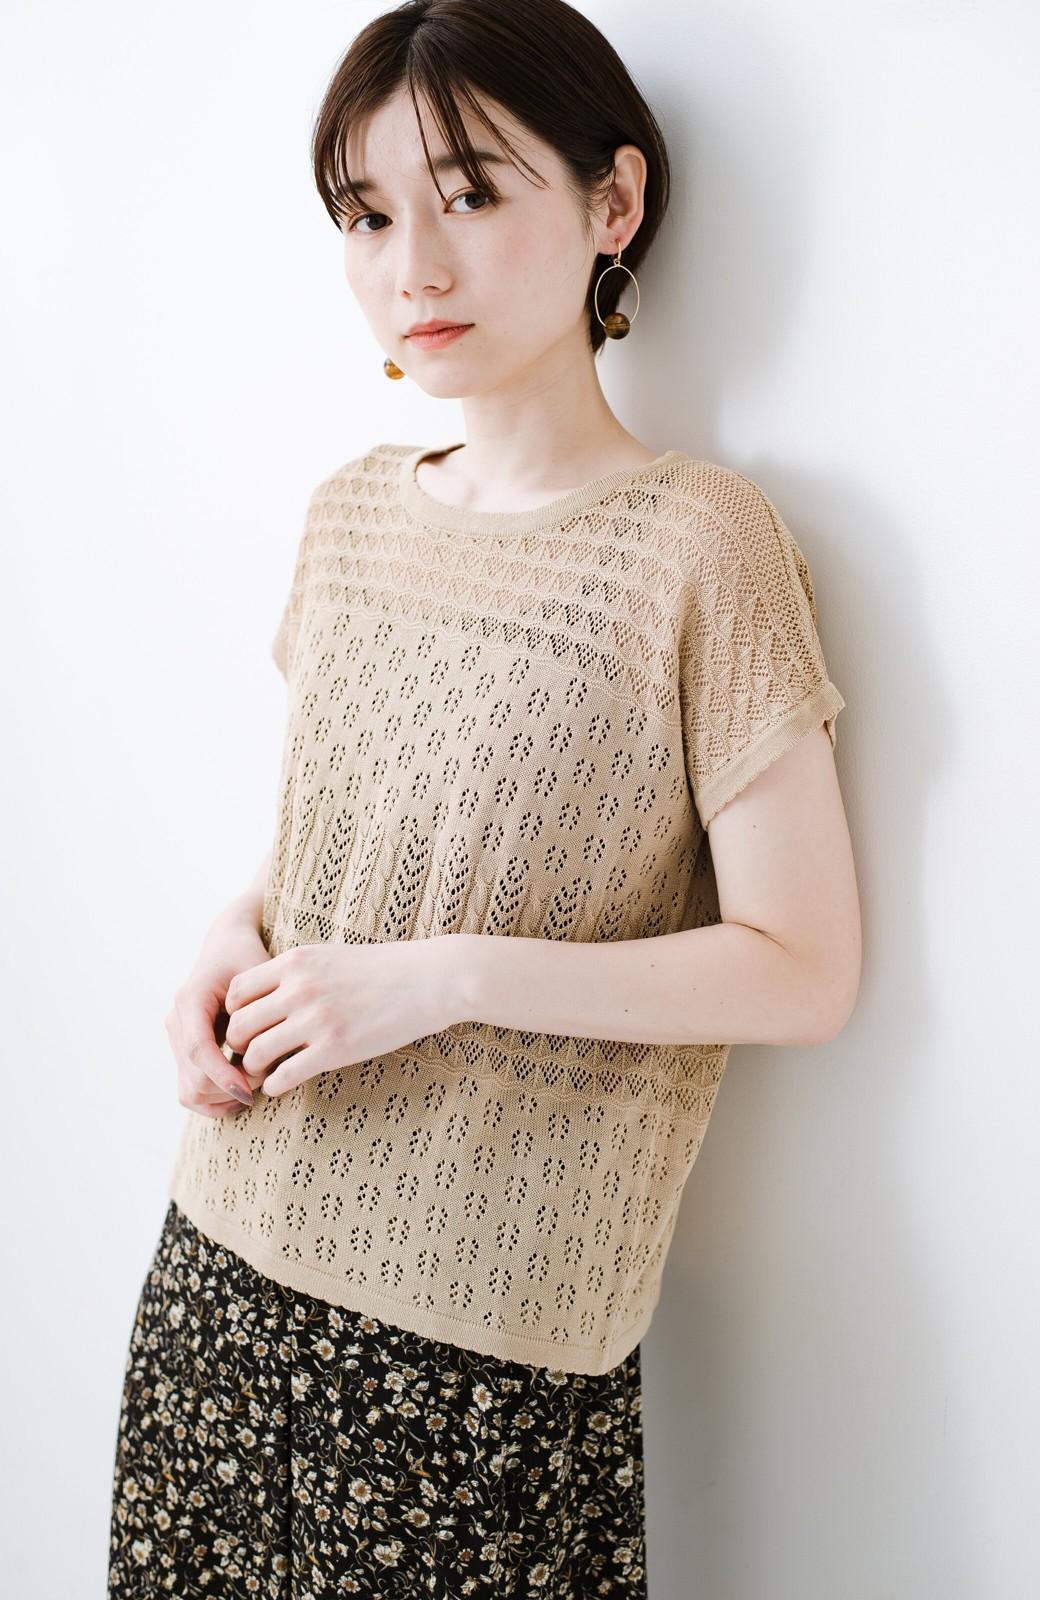 haco! 1枚でも重ね着にも便利なヘビロテしたくなる透かし編みニットトップス <ライトブラウン>の商品写真1